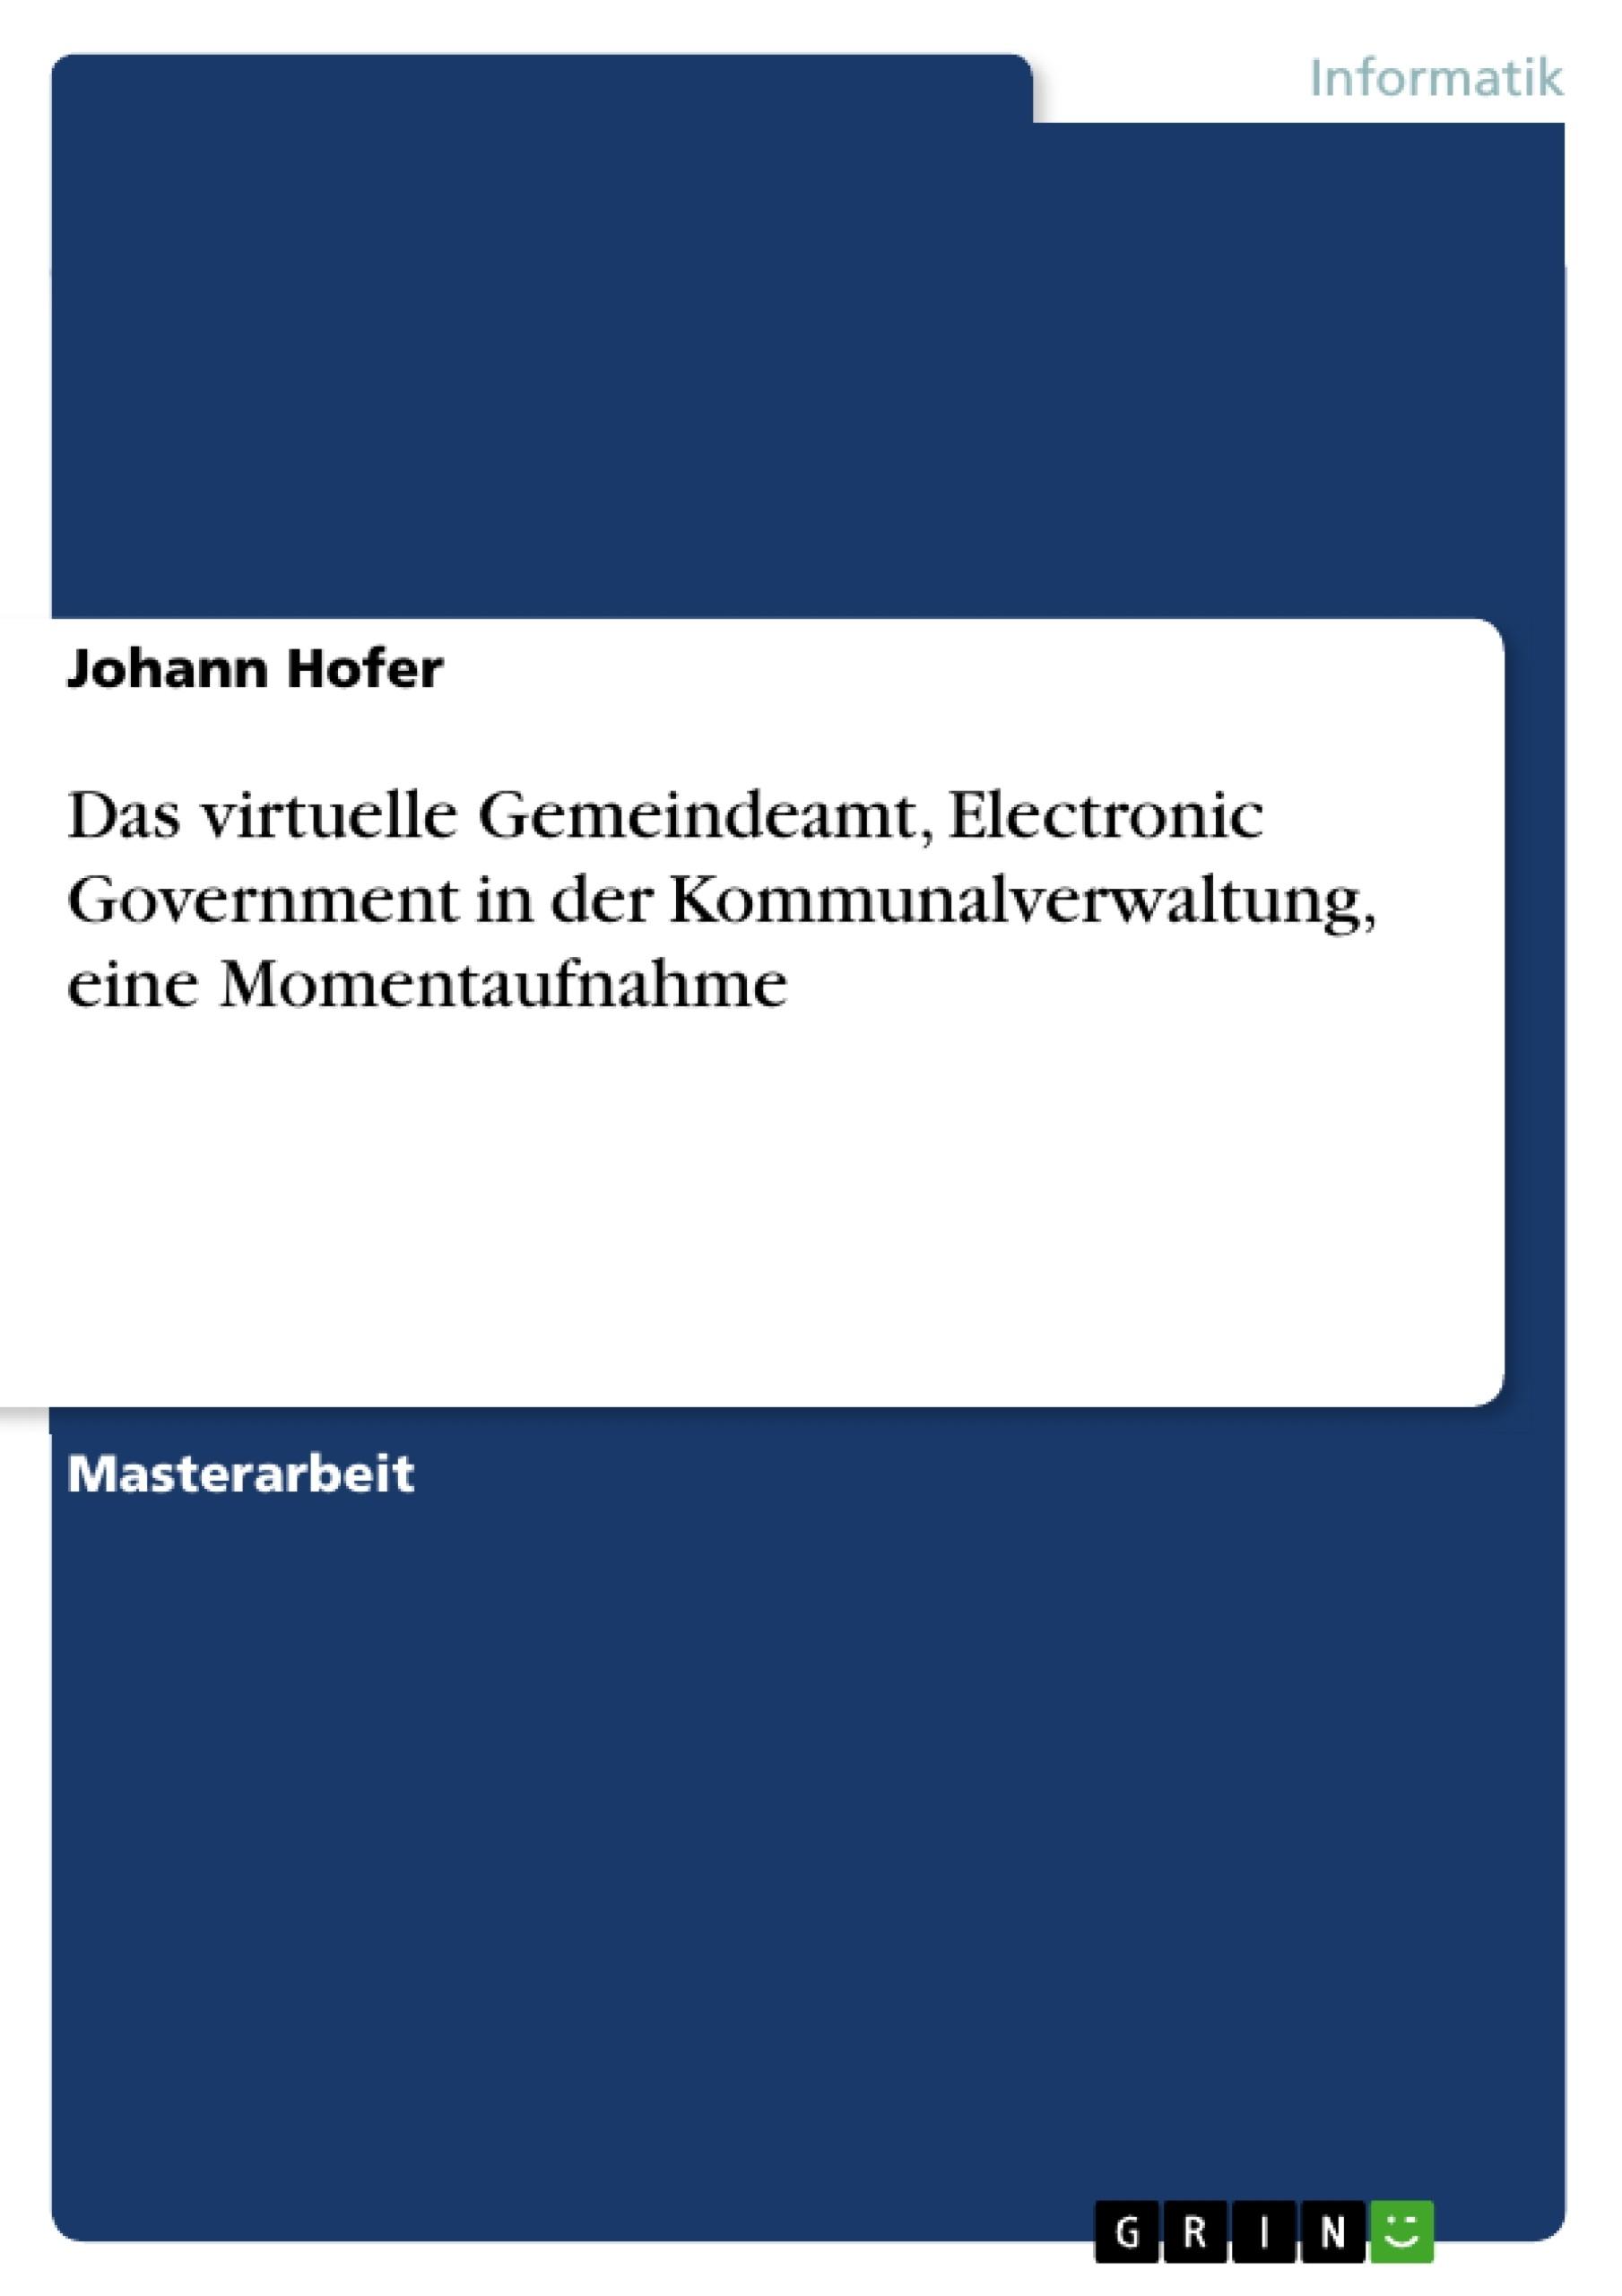 Titel: Das virtuelle Gemeindeamt, Electronic Government in der Kommunalverwaltung, eine Momentaufnahme